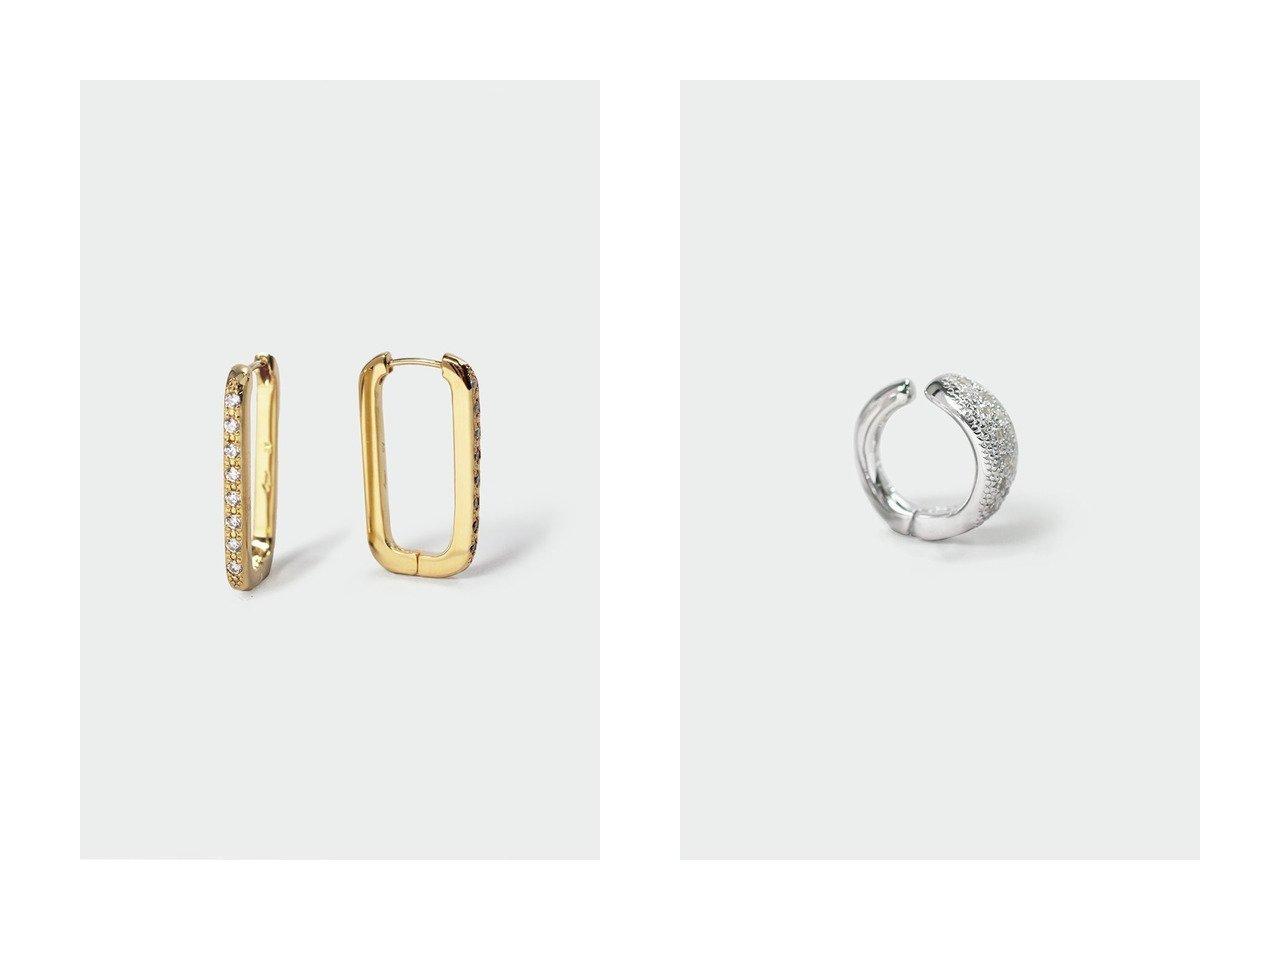 【AYAMI jewelry/アヤミ ジュエリー】のMarquise Pave イヤリング(片耳用)&Rectangle ピアス 【アクセサリー・ジュエリー】おすすめ!人気、トレンド・レディースファッションの通販 おすすめで人気の流行・トレンド、ファッションの通販商品 インテリア・家具・メンズファッション・キッズファッション・レディースファッション・服の通販 founy(ファニー) https://founy.com/ ファッション Fashion レディースファッション WOMEN ジュエリー Jewelry リング Rings イヤリング Earrings イヤリング 再入荷 Restock/Back in Stock/Re Arrival フォルム ラグジュアリー 片耳  ID:crp329100000072212